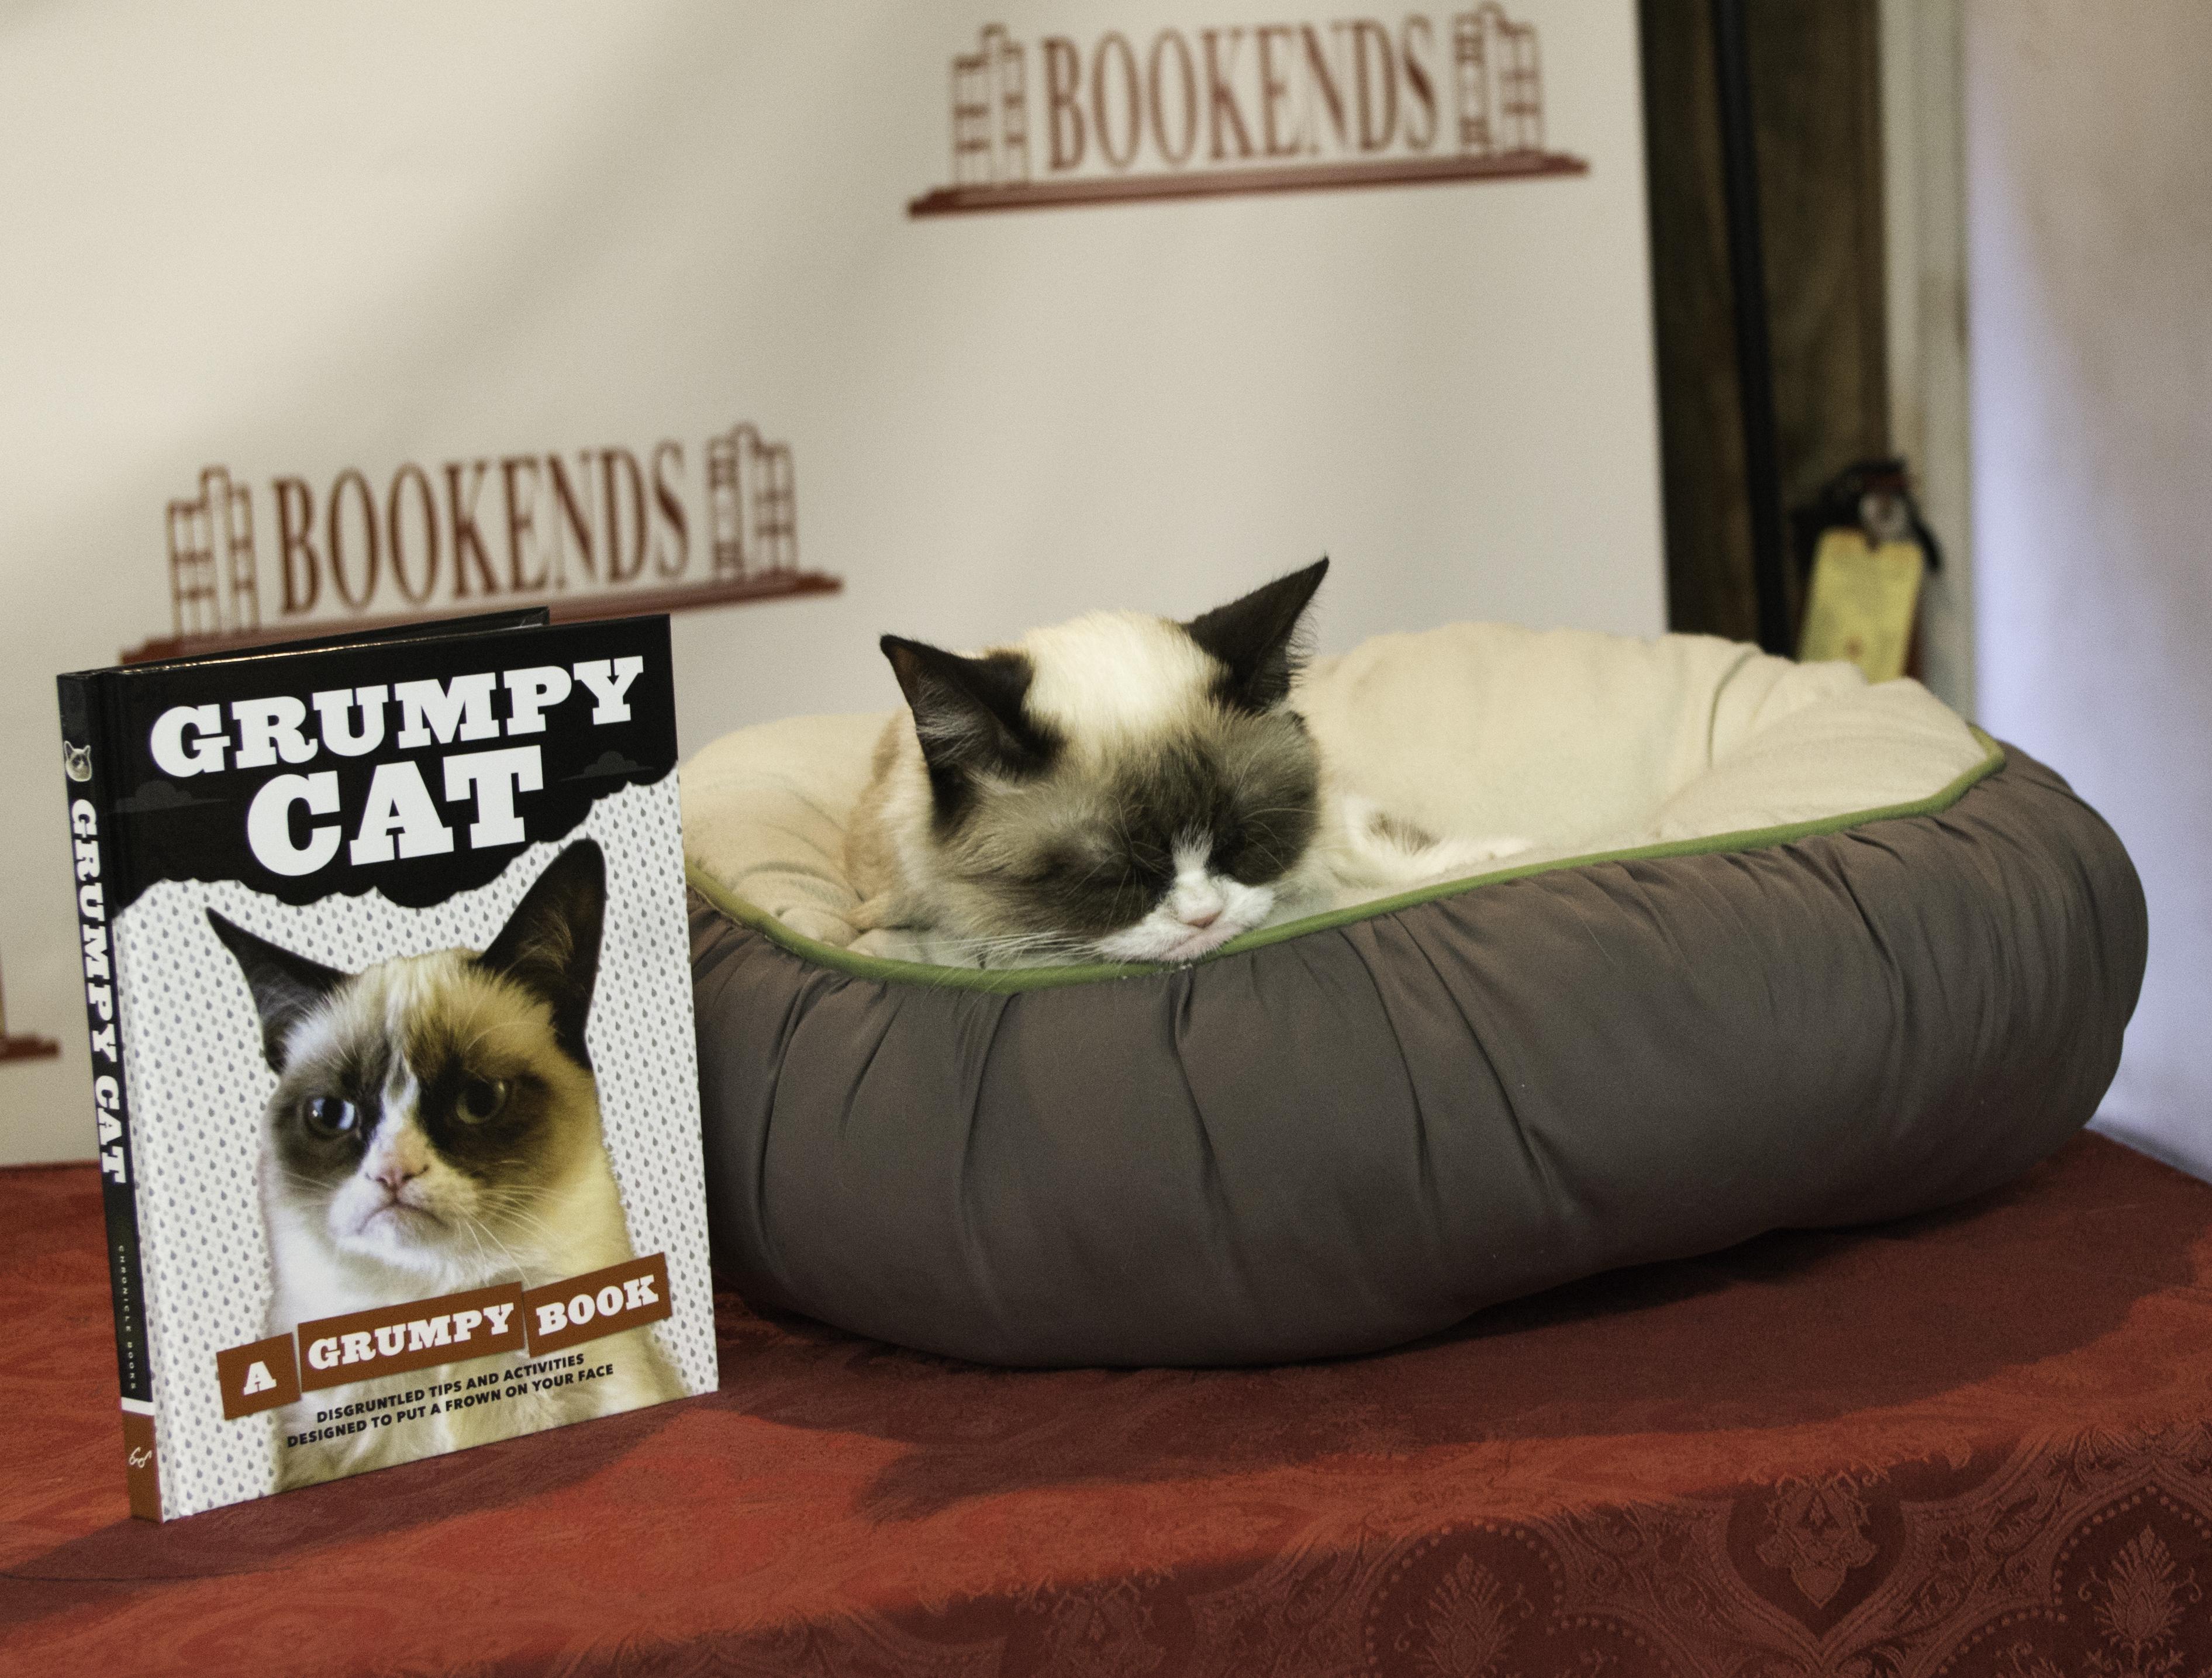 Grumpy cat a grumpy book nerd base